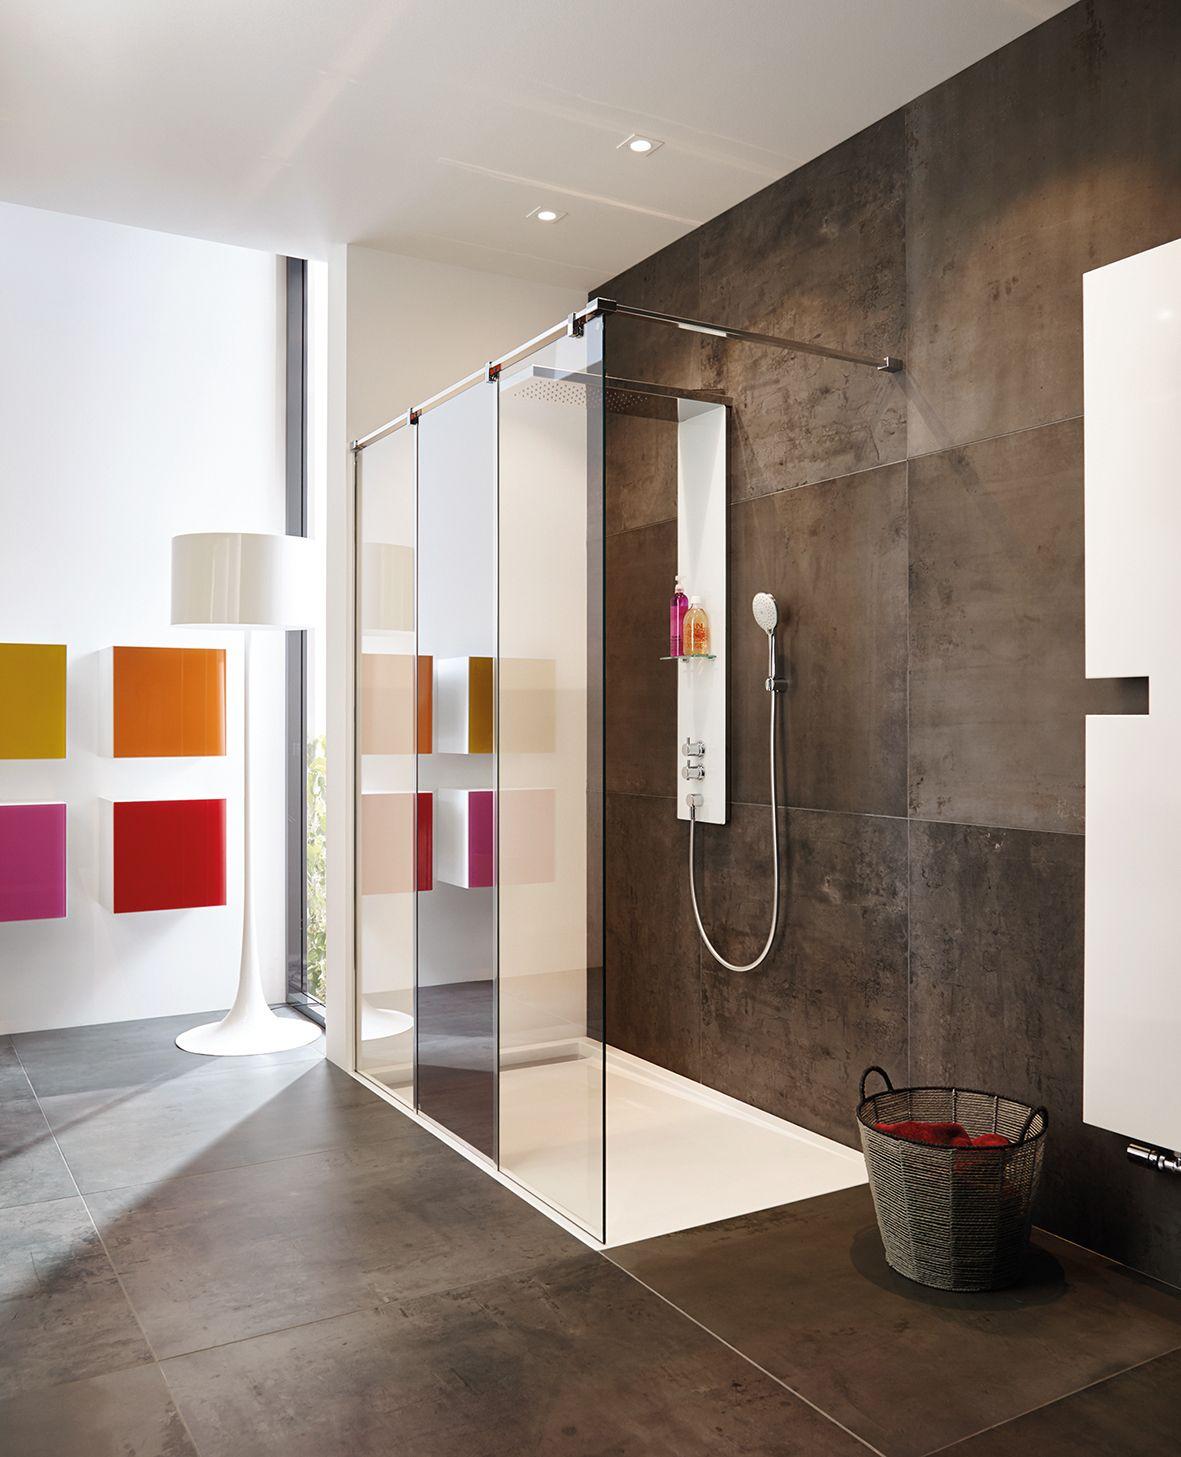 Komfortabel Und Praktisch Walk In Duschen Modernes Luxurioses Badezimmer Duschkabine Und Bad Einrichten